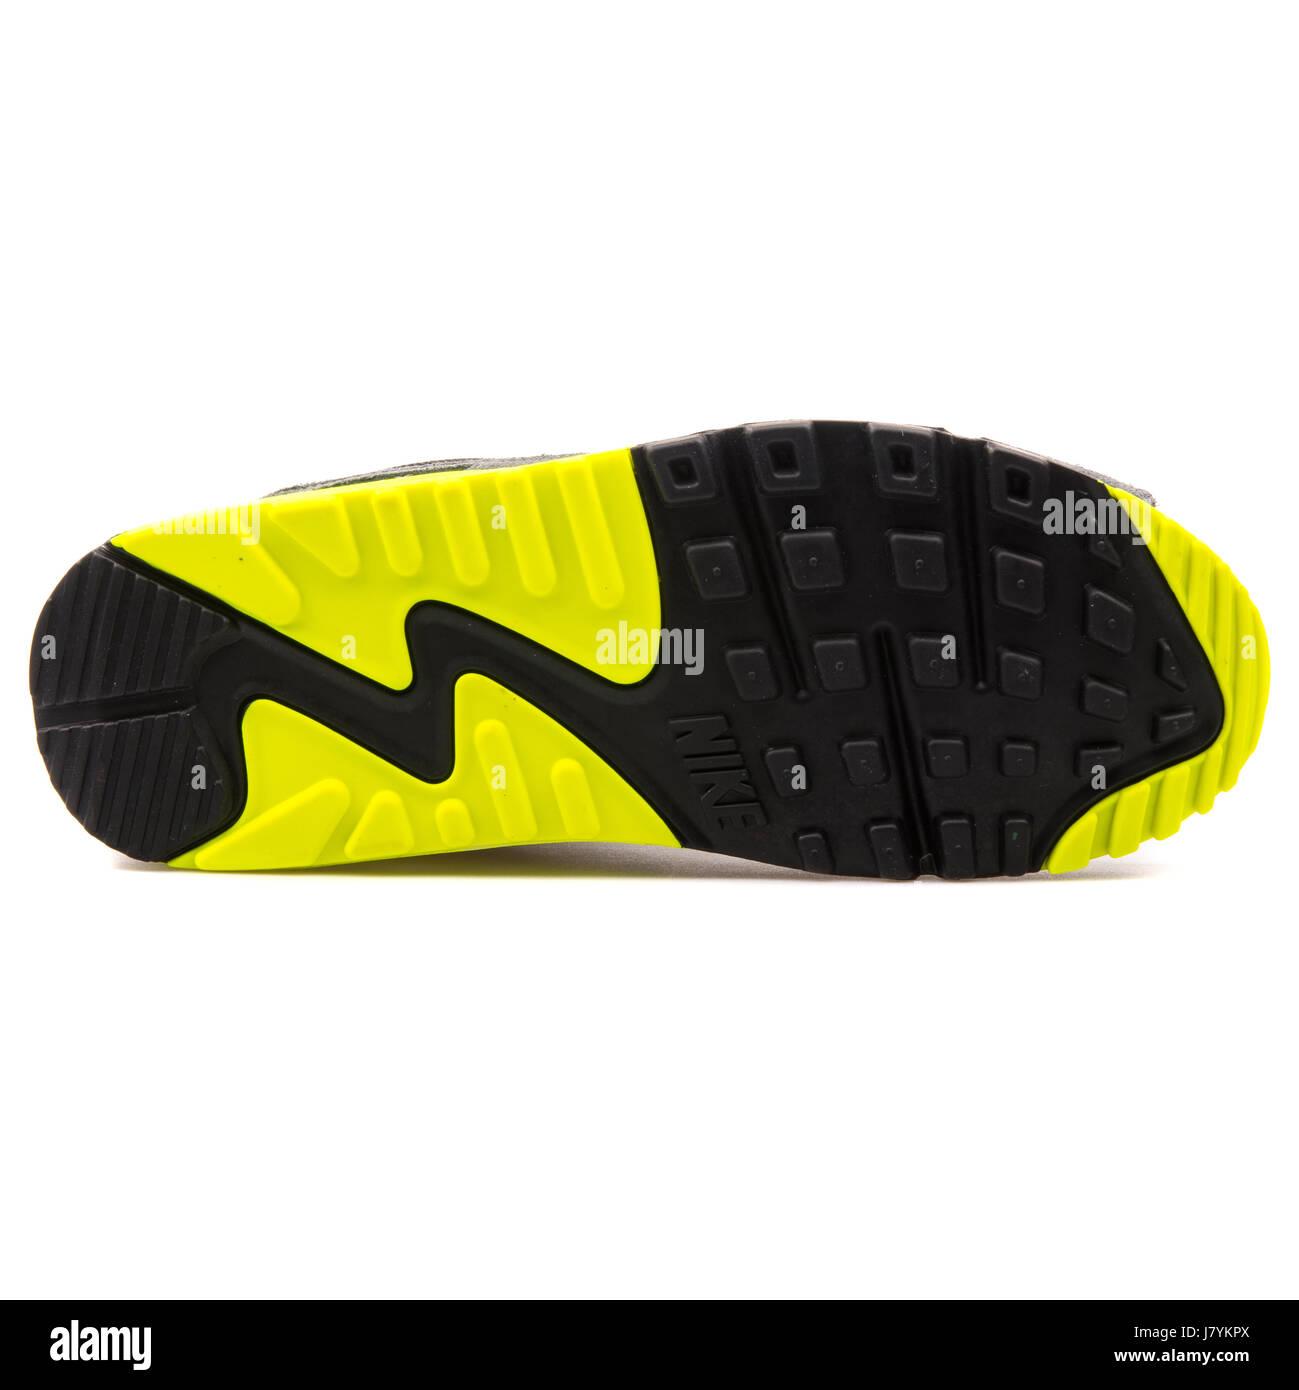 Nike Air Max 90 Malla (GS) la juventud negra de cuero gris y